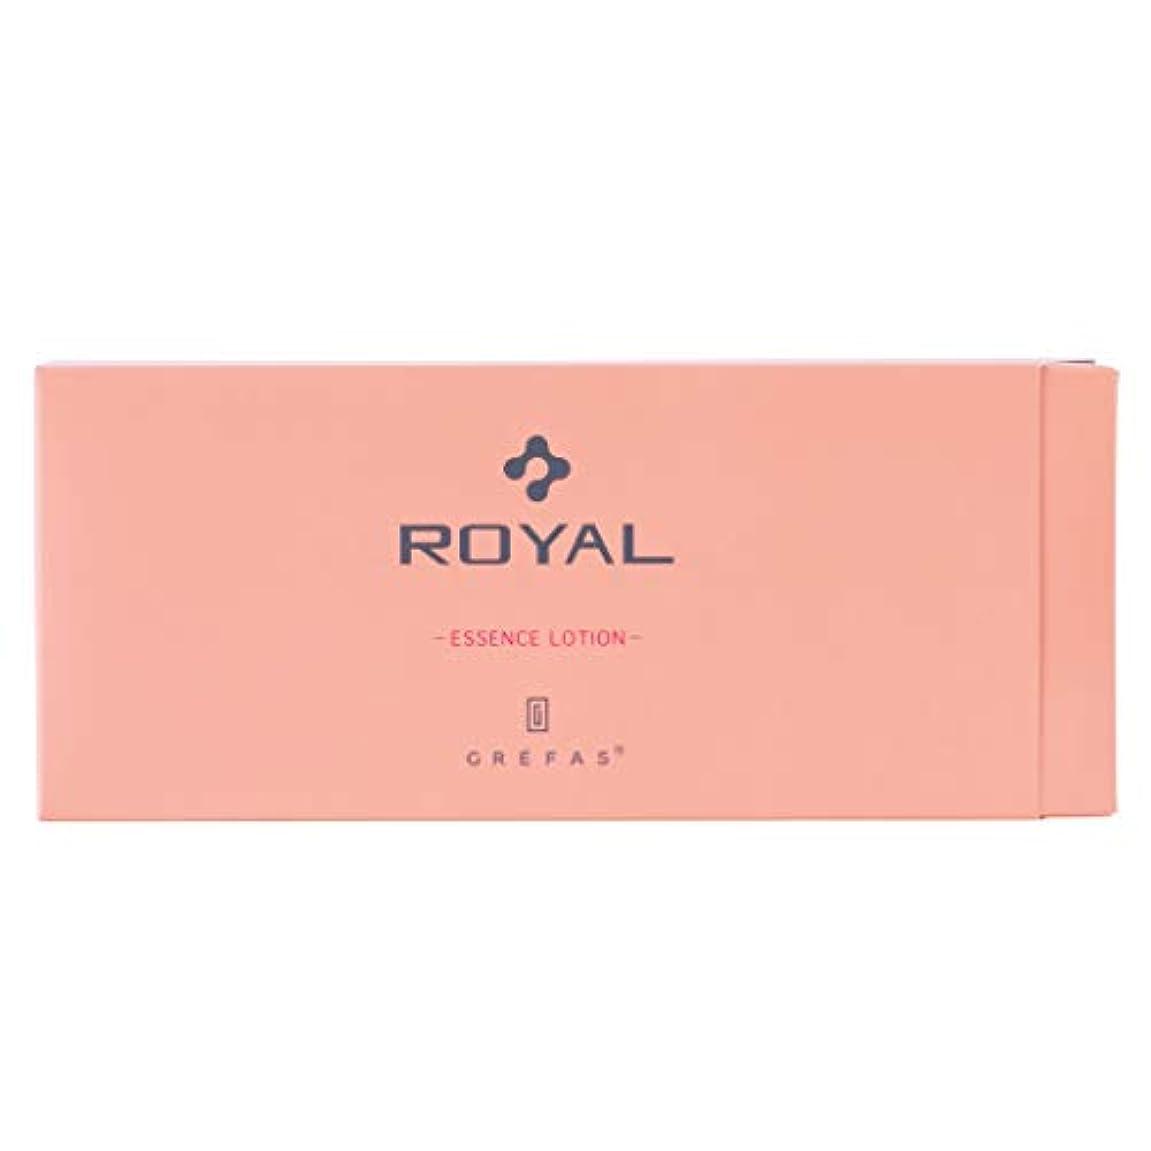 調整多様体少数GREFAS ROYAL エッセンスローション 1.3ml×90袋